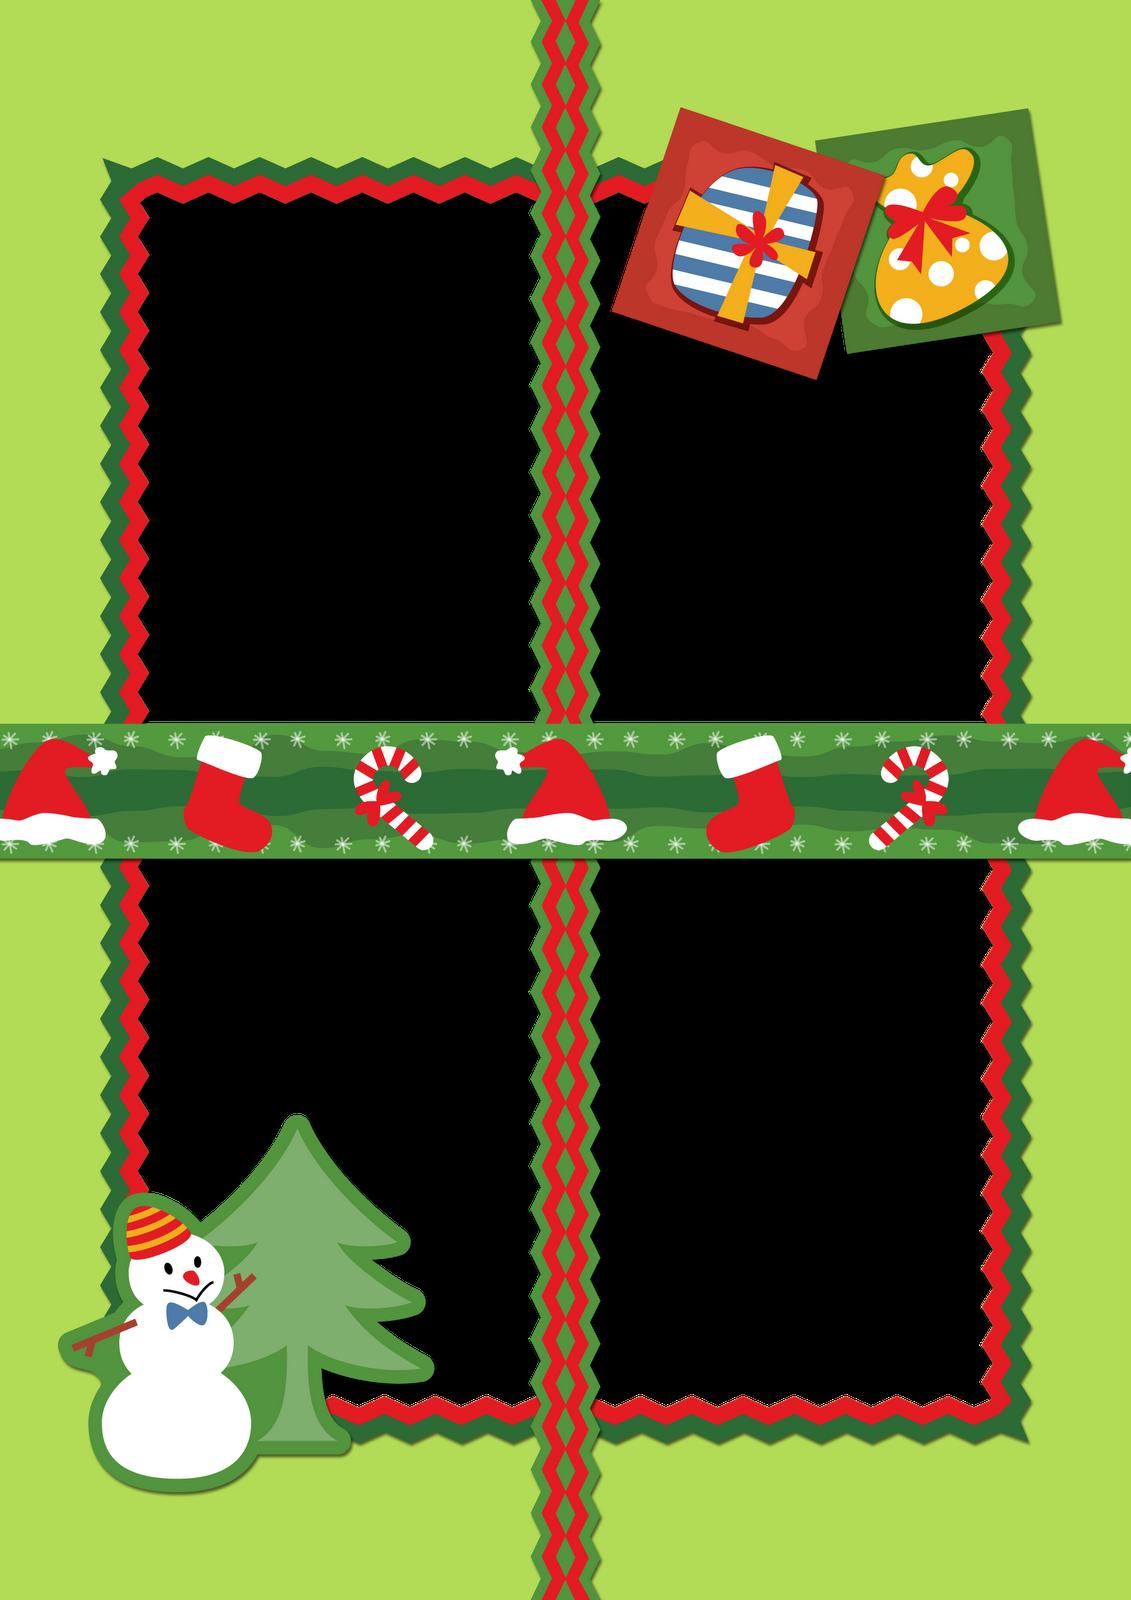 Marcos gratis para fotos marcos de navidad gratis en - Marcos navidad fotos ...